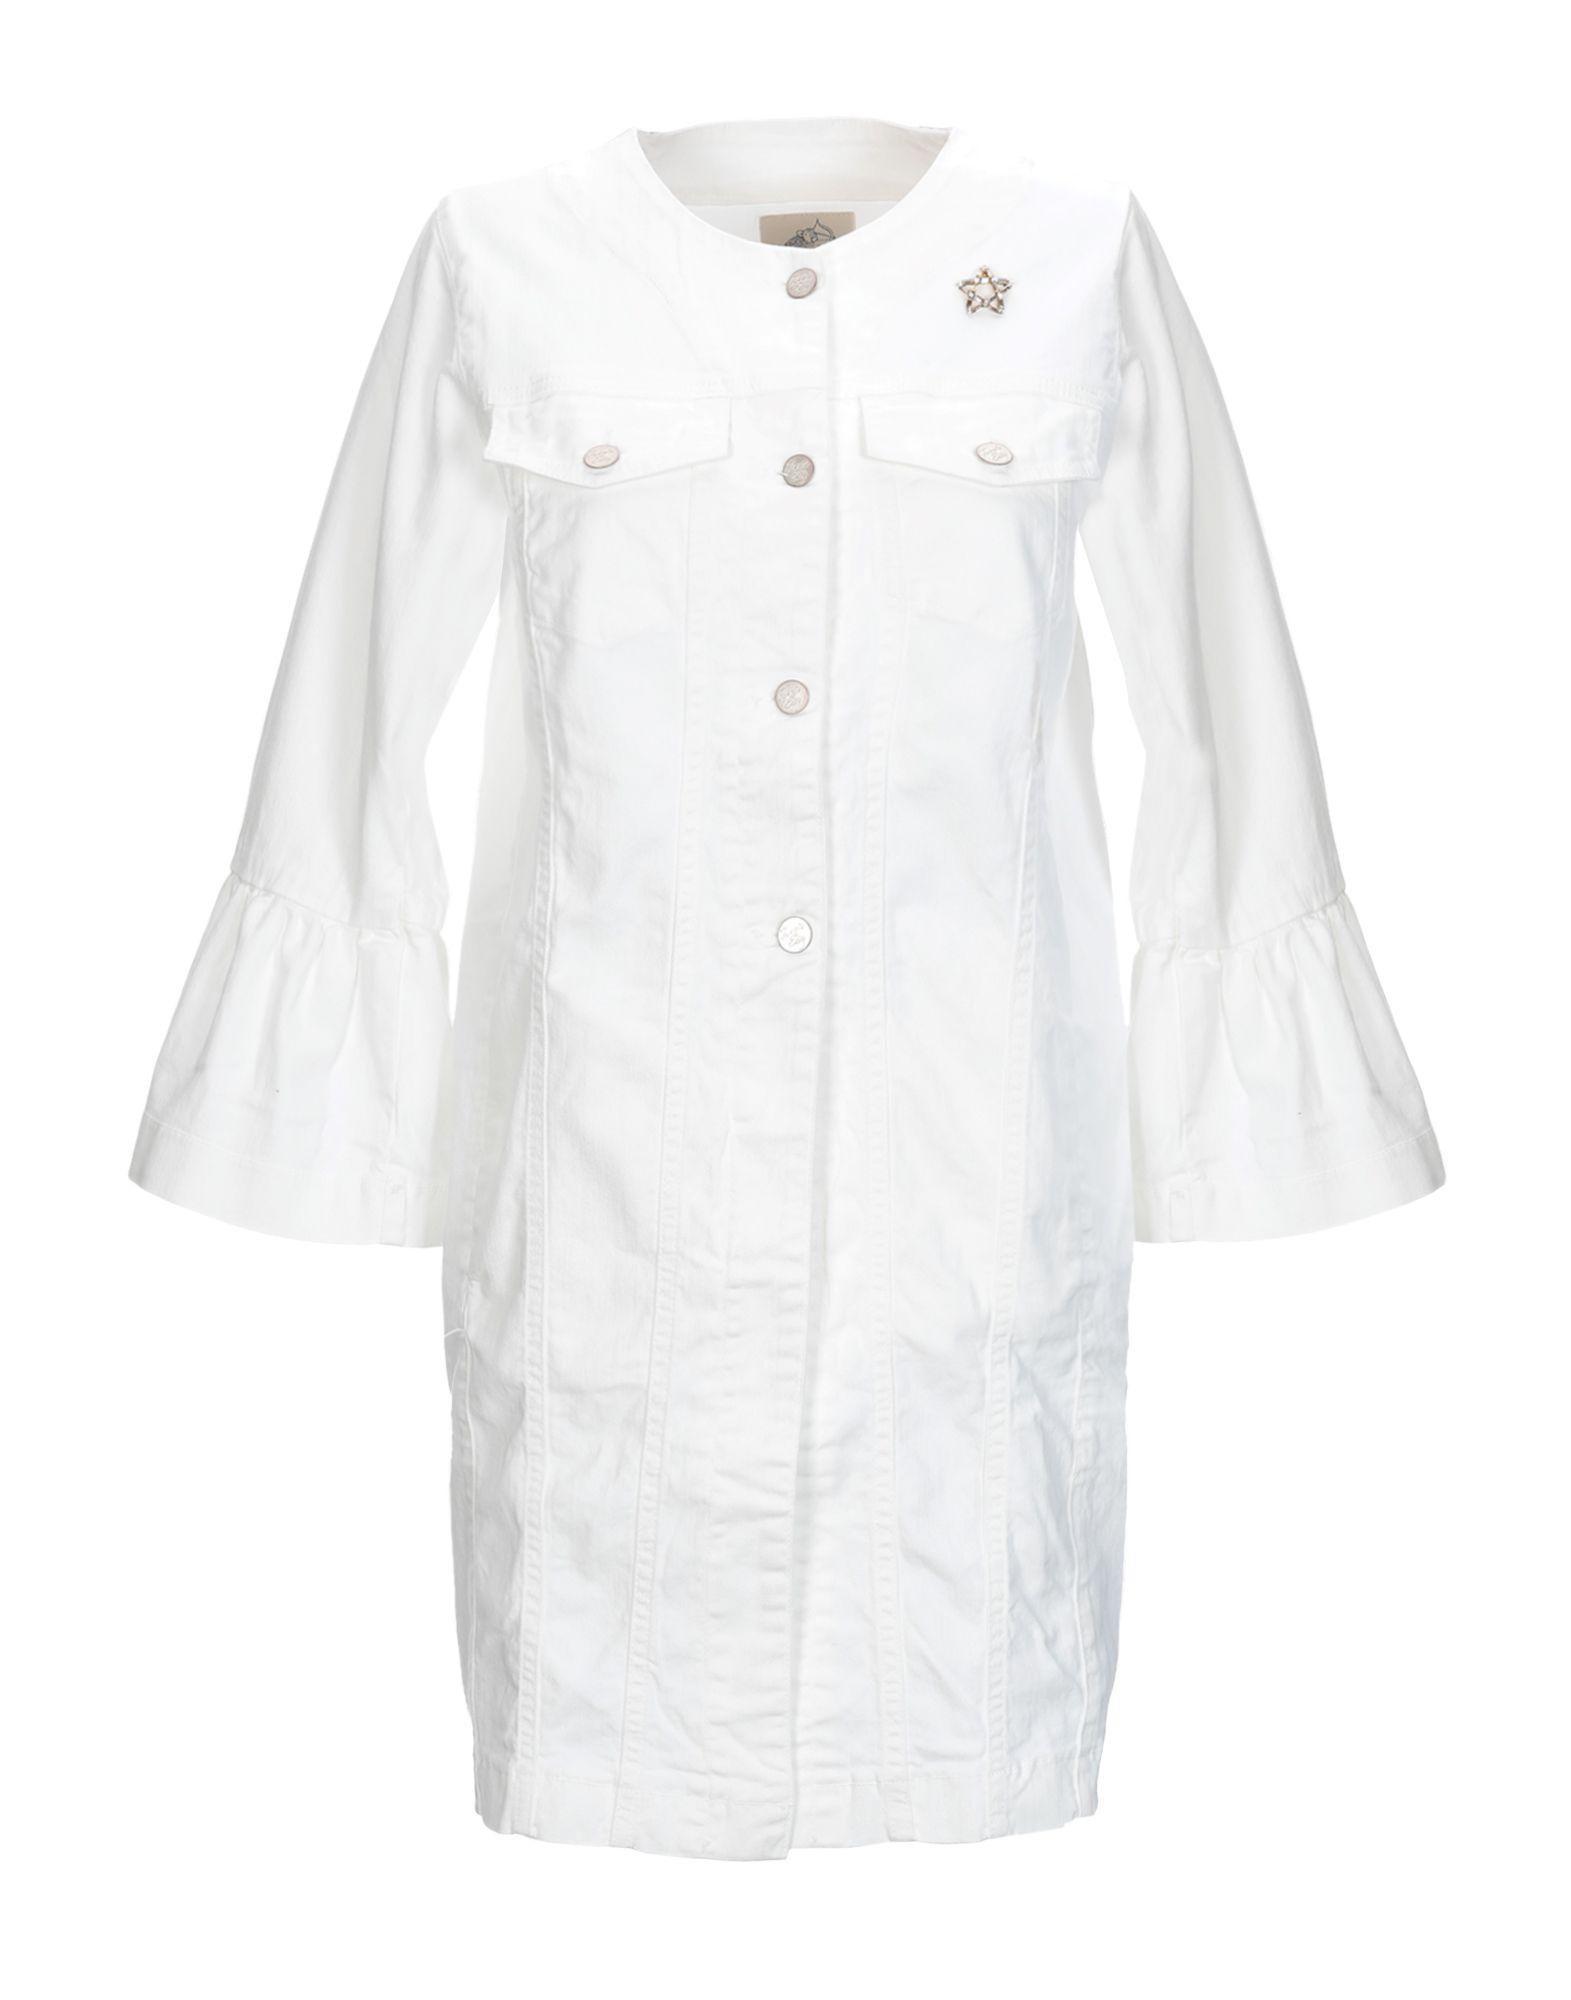 TWENTY EASY by KAOS Джинсовая верхняя одежда